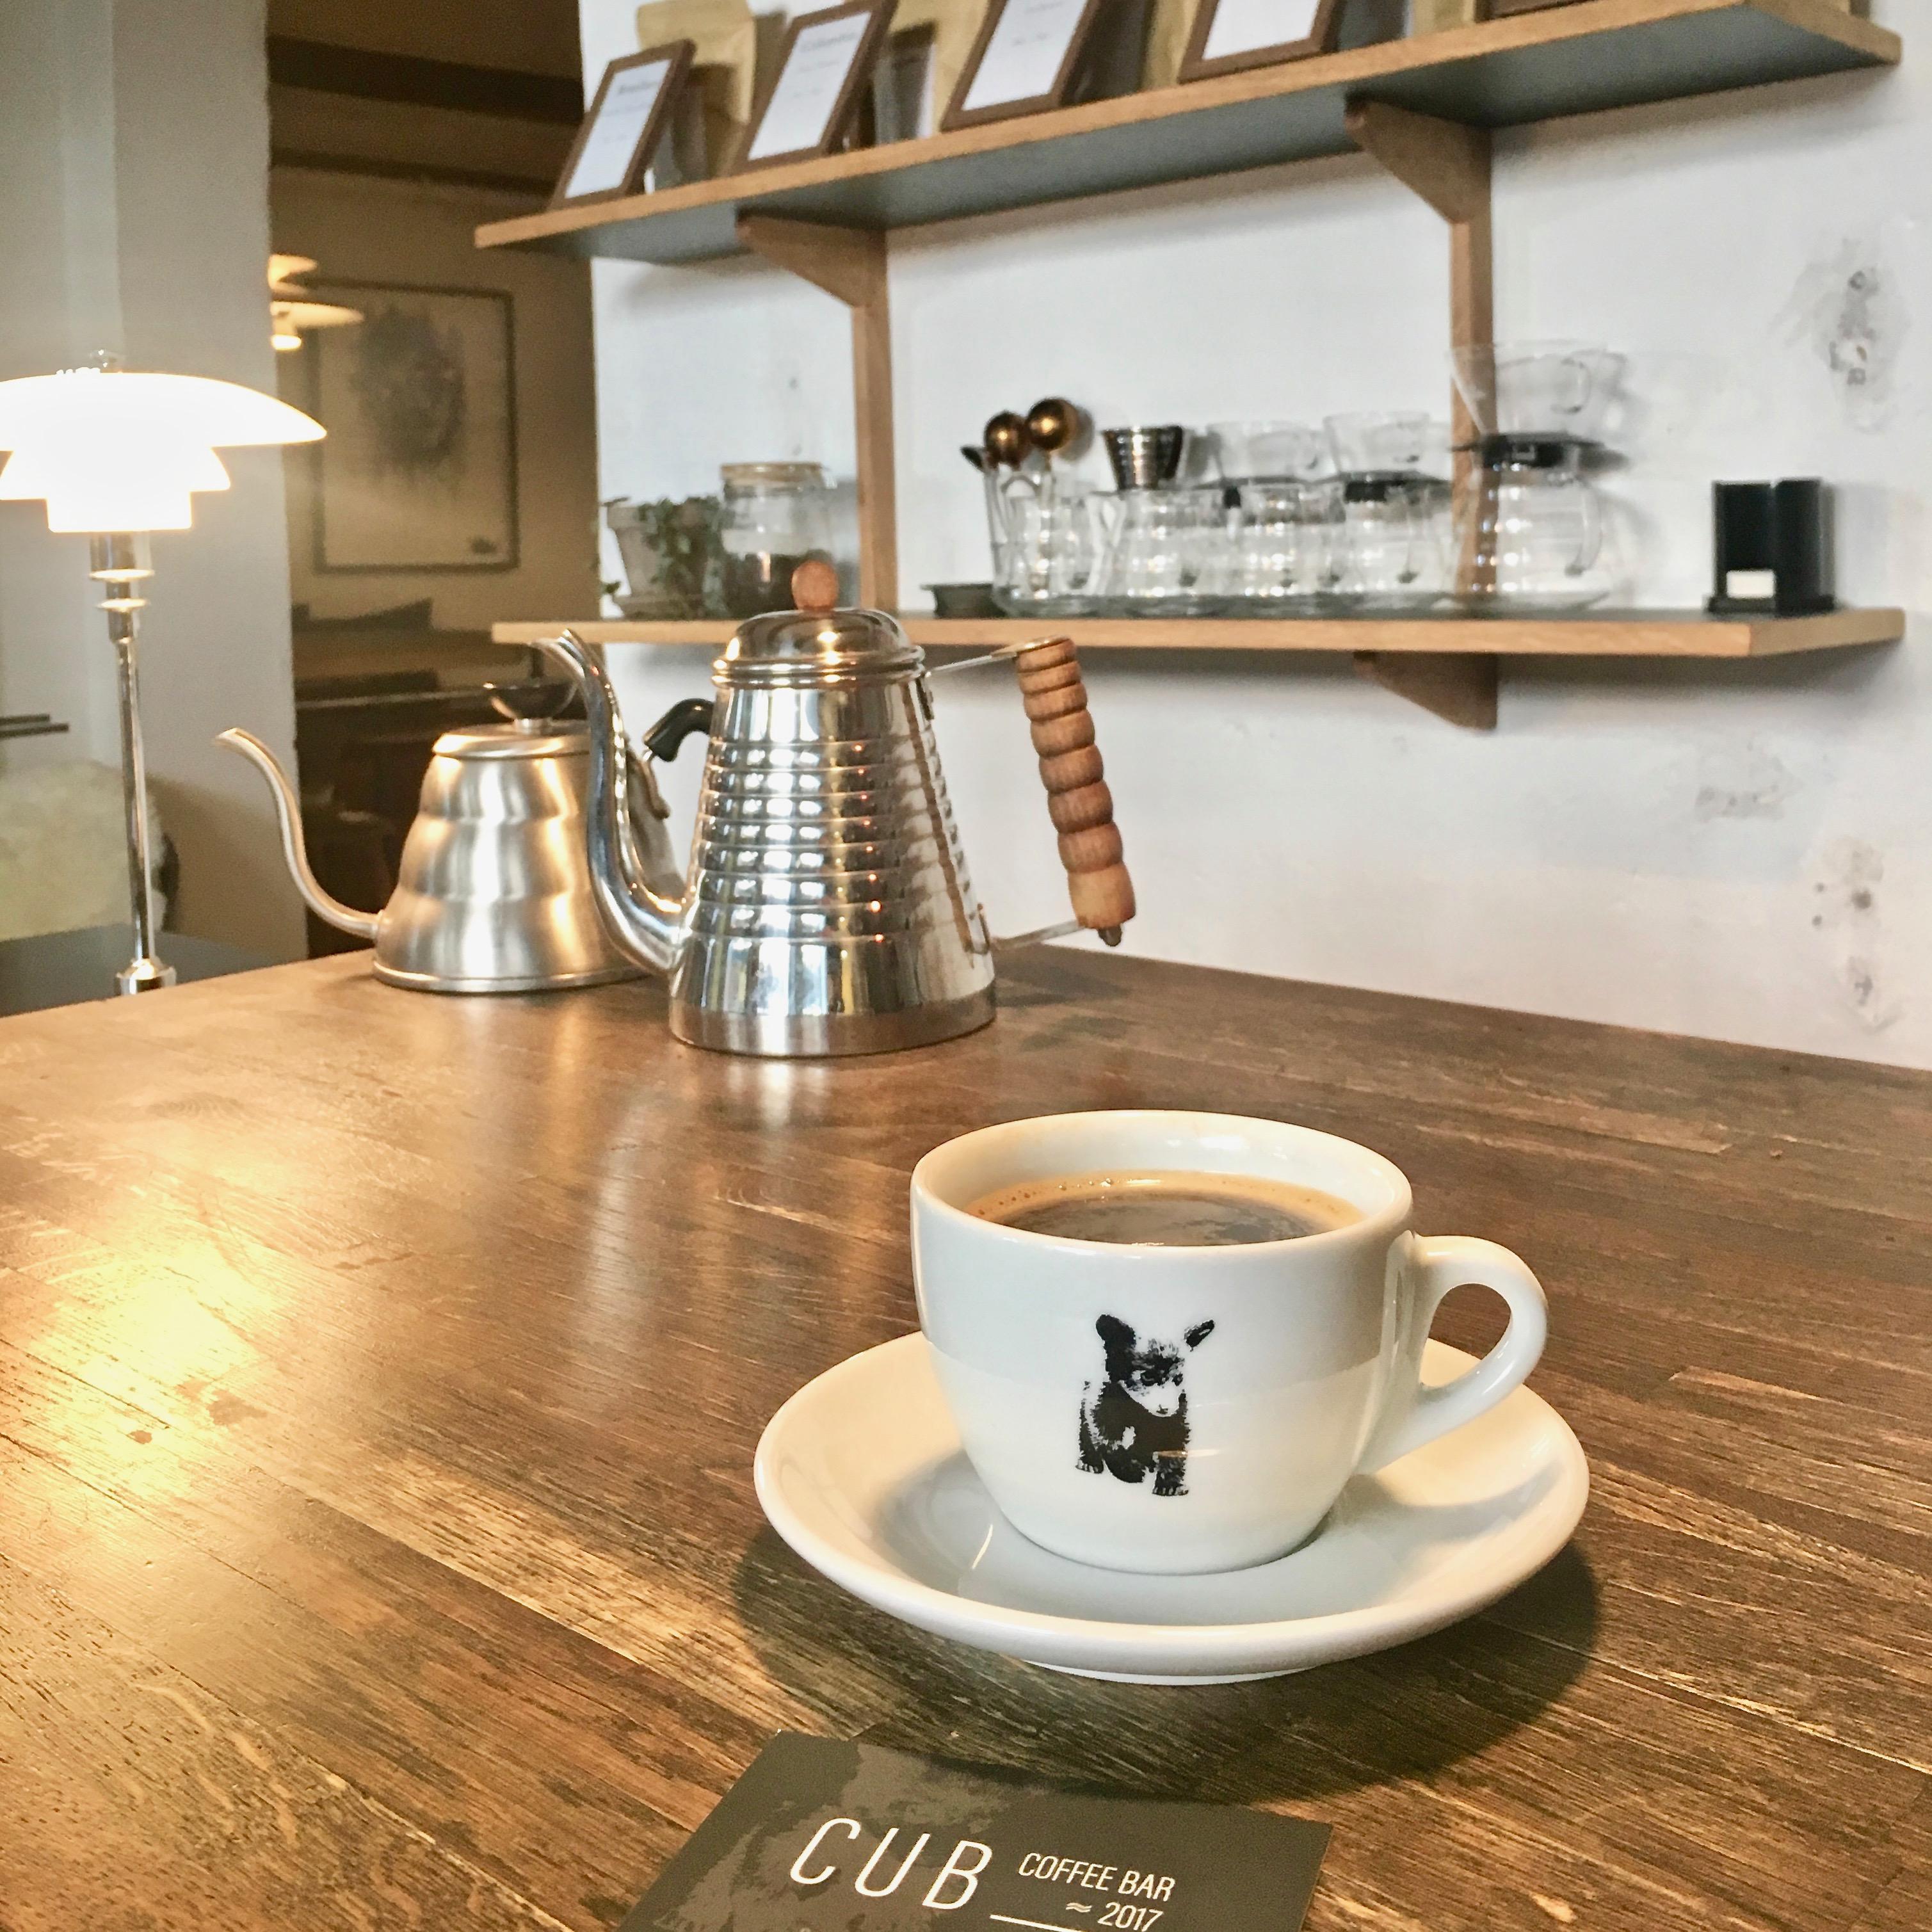 CUB Coffee Bar inside10